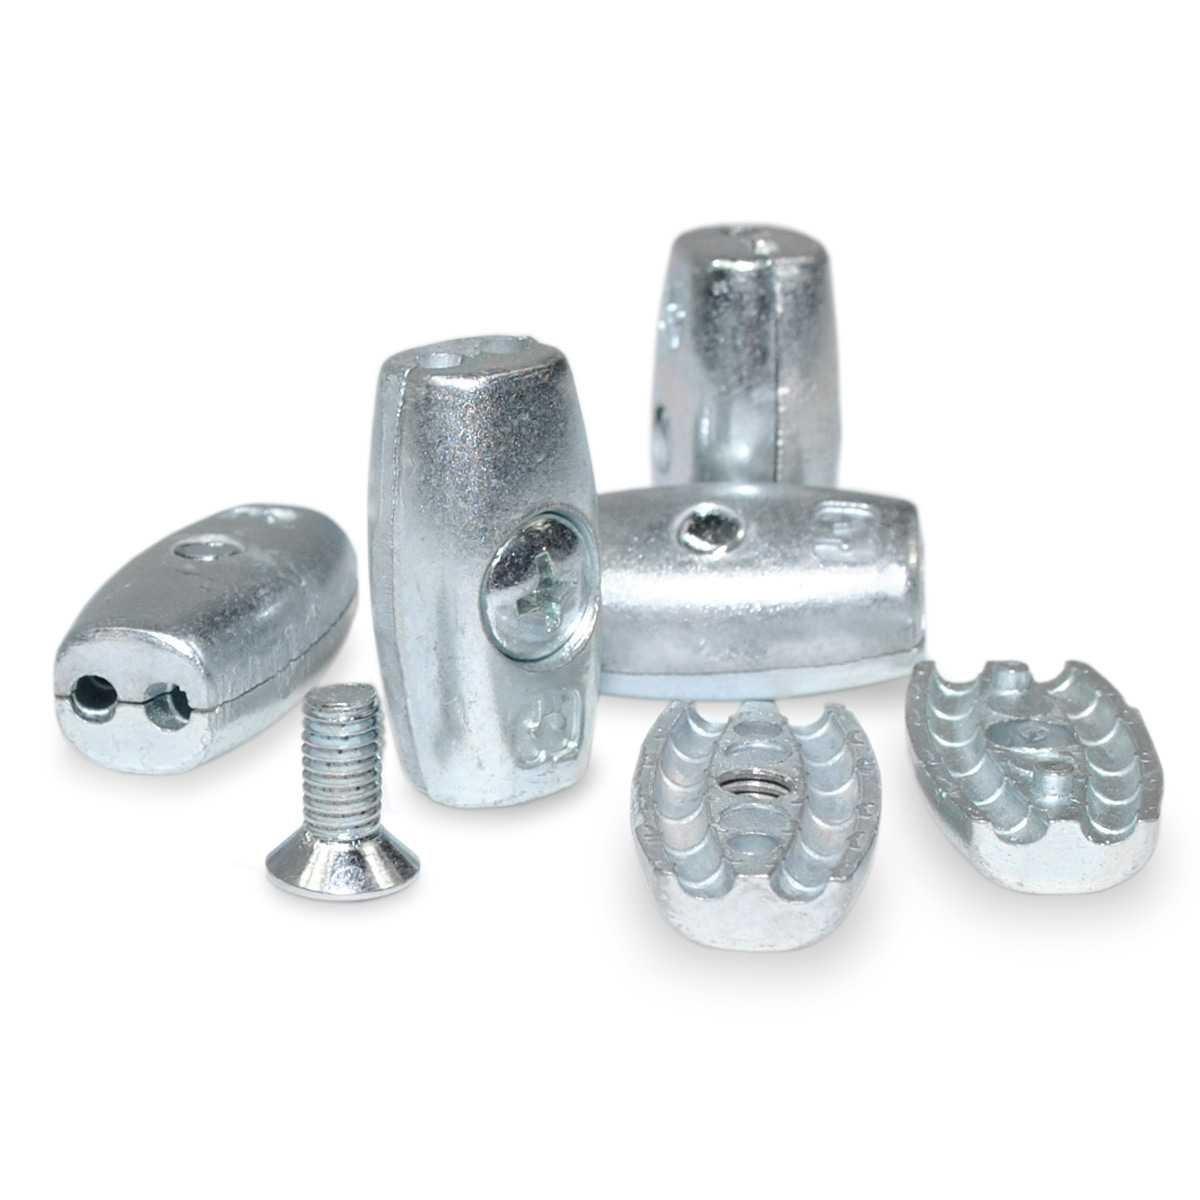 Seilwerk STANKE 100 x Drahtseilklemme Eiform Gr/ö/ße 5 f/ür 5 mm Drahtseile Aluminium Silumin Stahlseil Klemme